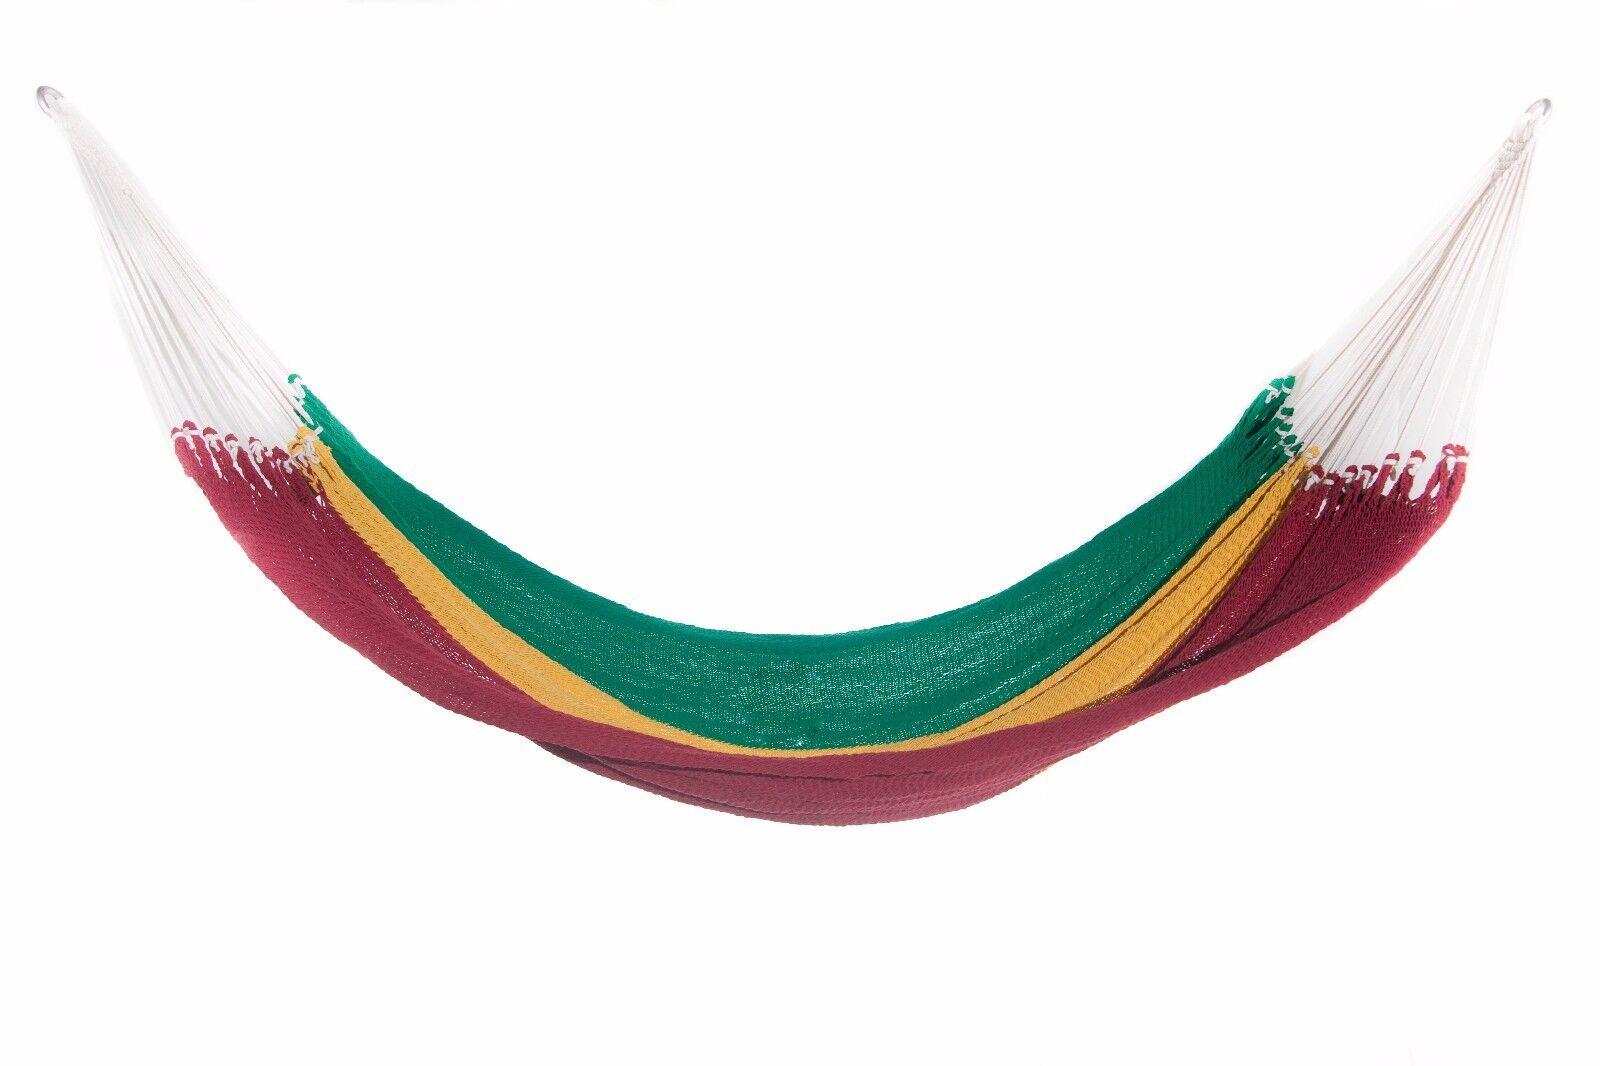 Nuevo Algodón Orgánico hecho a mano Tucán Hamaca sola persona Cama Reggae Jamaican